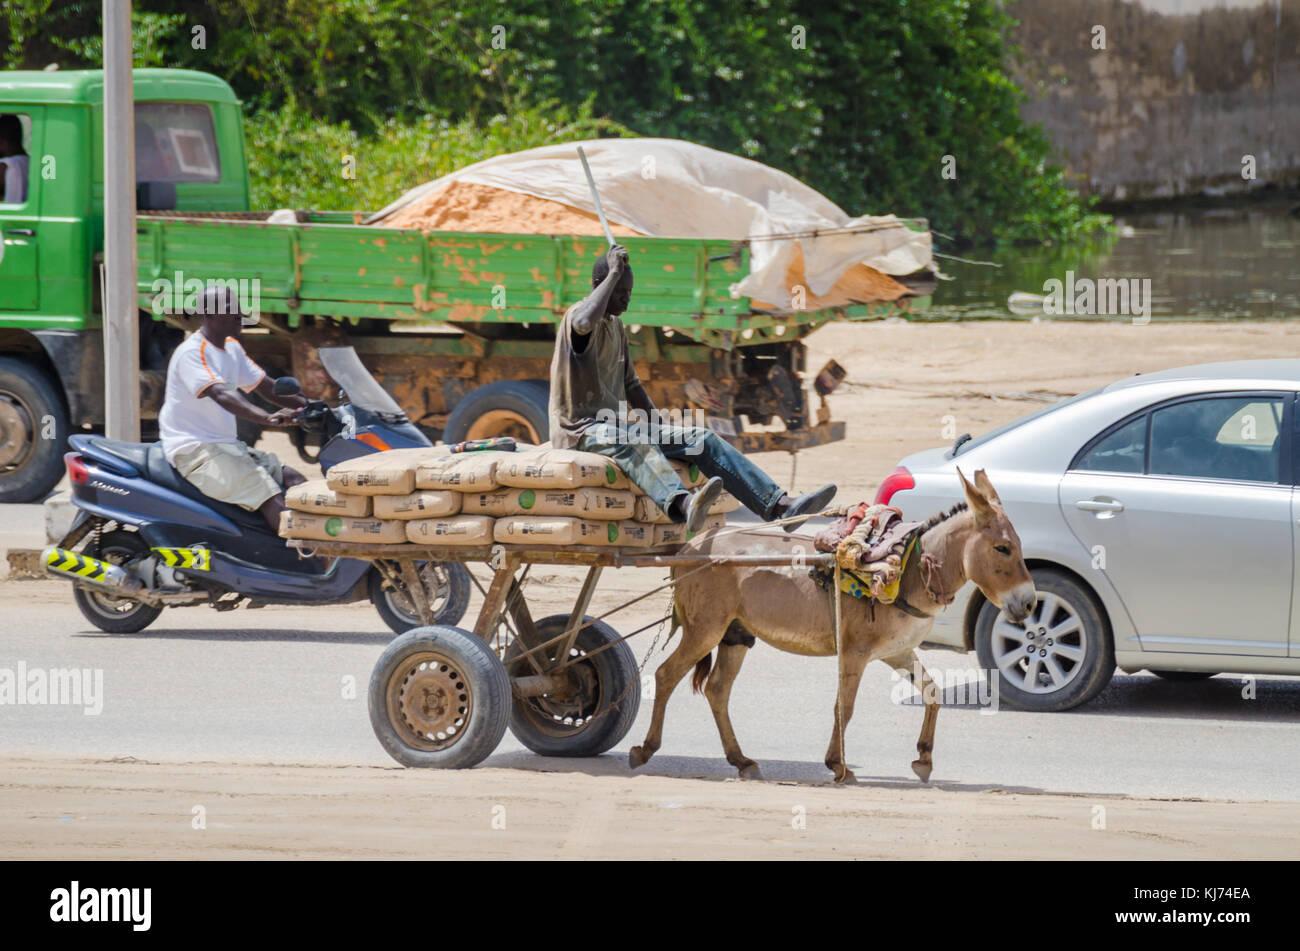 Nouakchott, Mauritania - October 08 2013: Street scene with vehicles and donkey cart - Stock Image